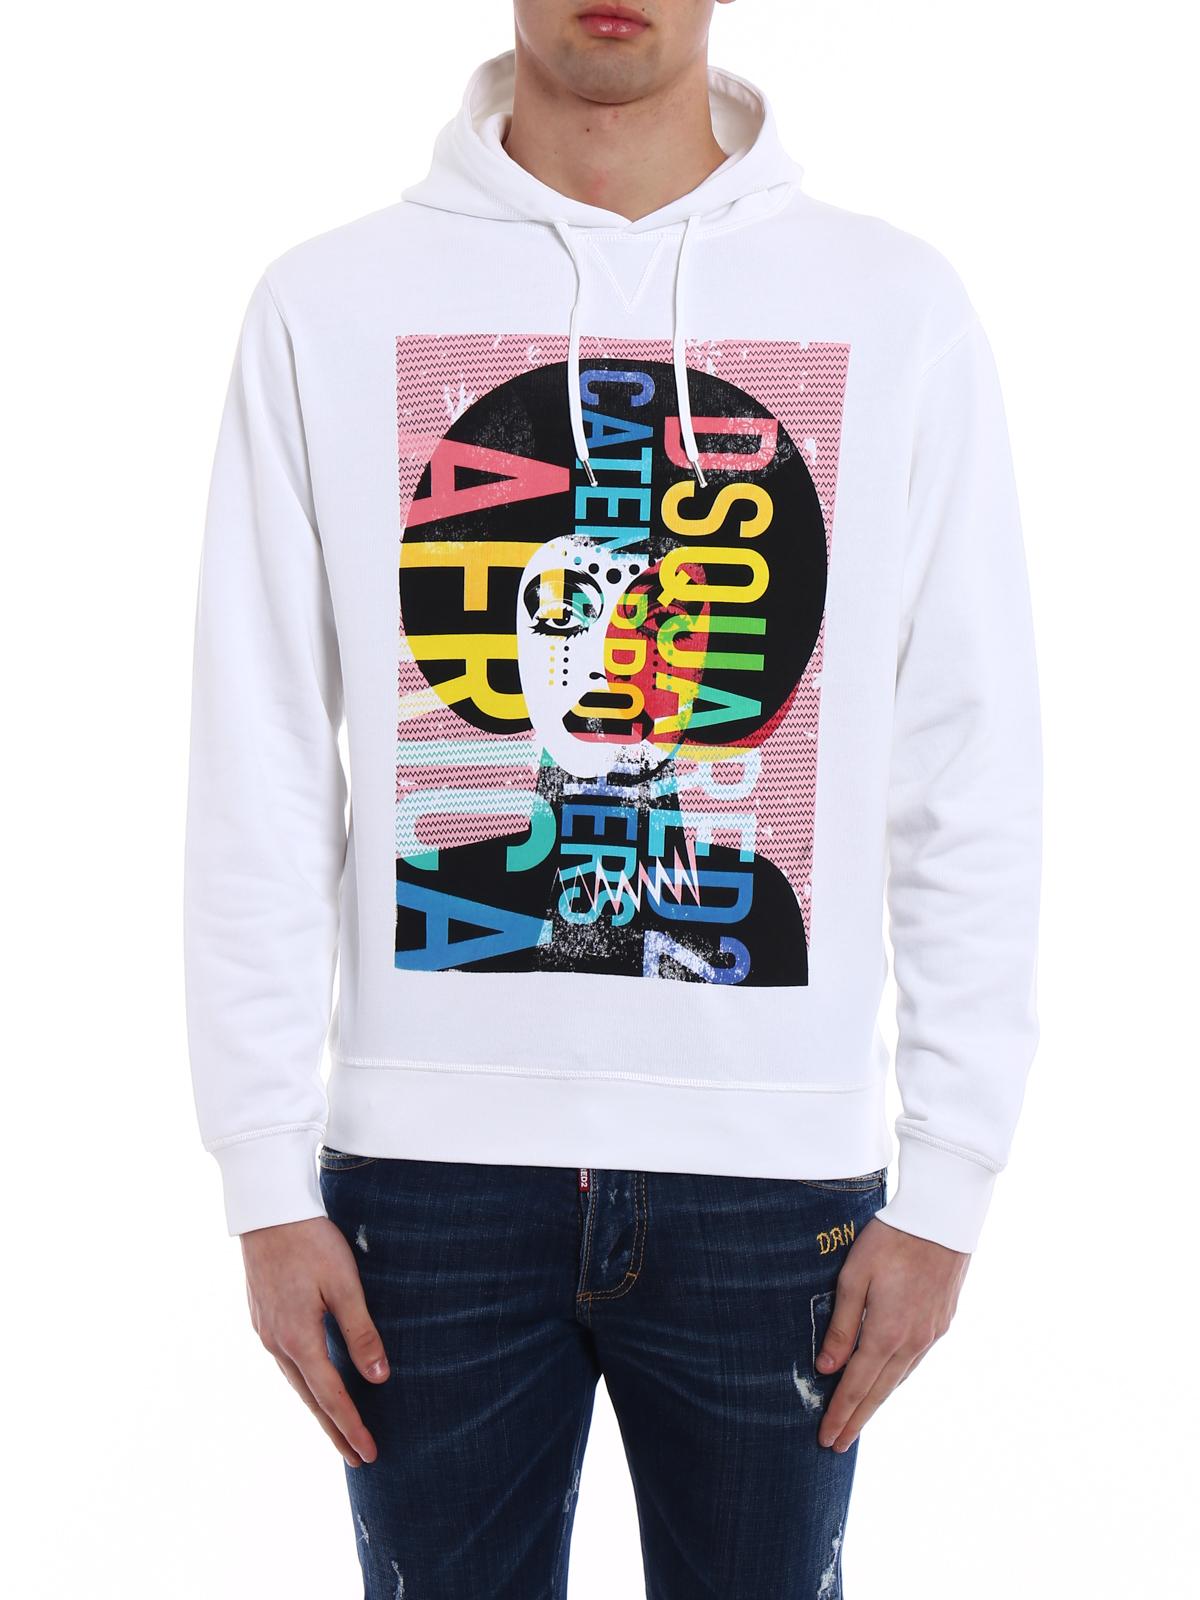 Dsquared2 Sweatshirt Weiß Sweatshirts und Pullover